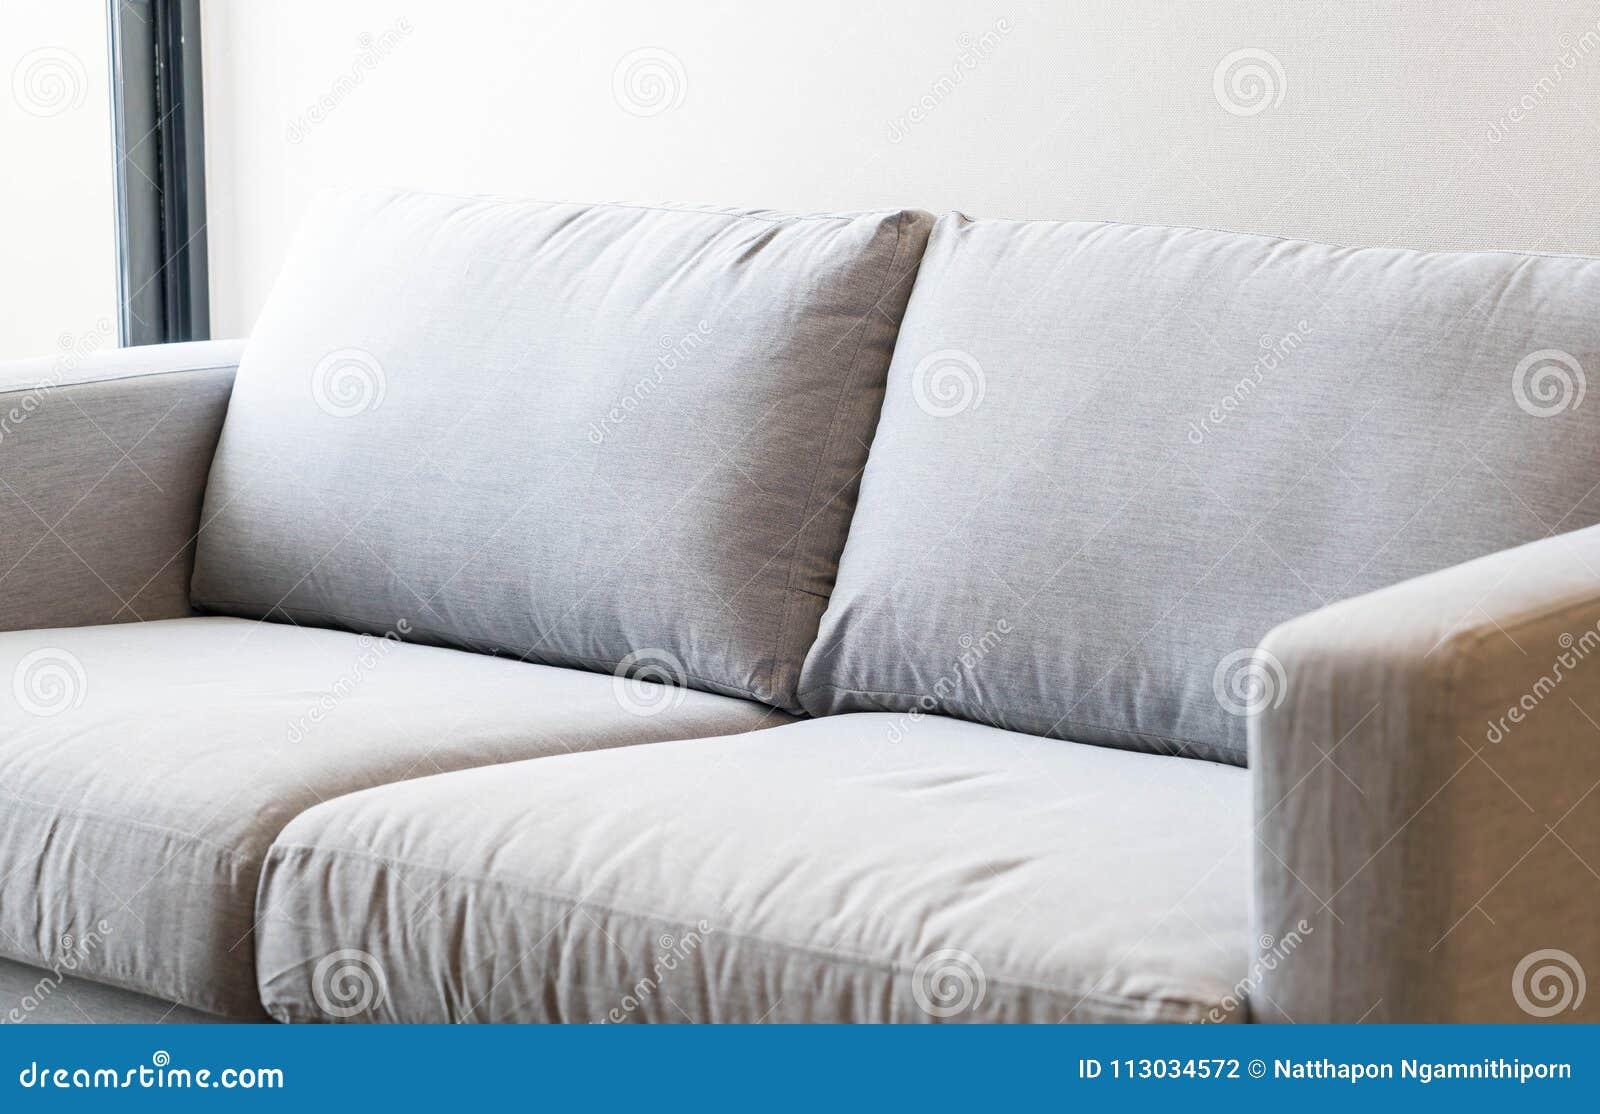 Decoración interior del sofá vacío en sitio